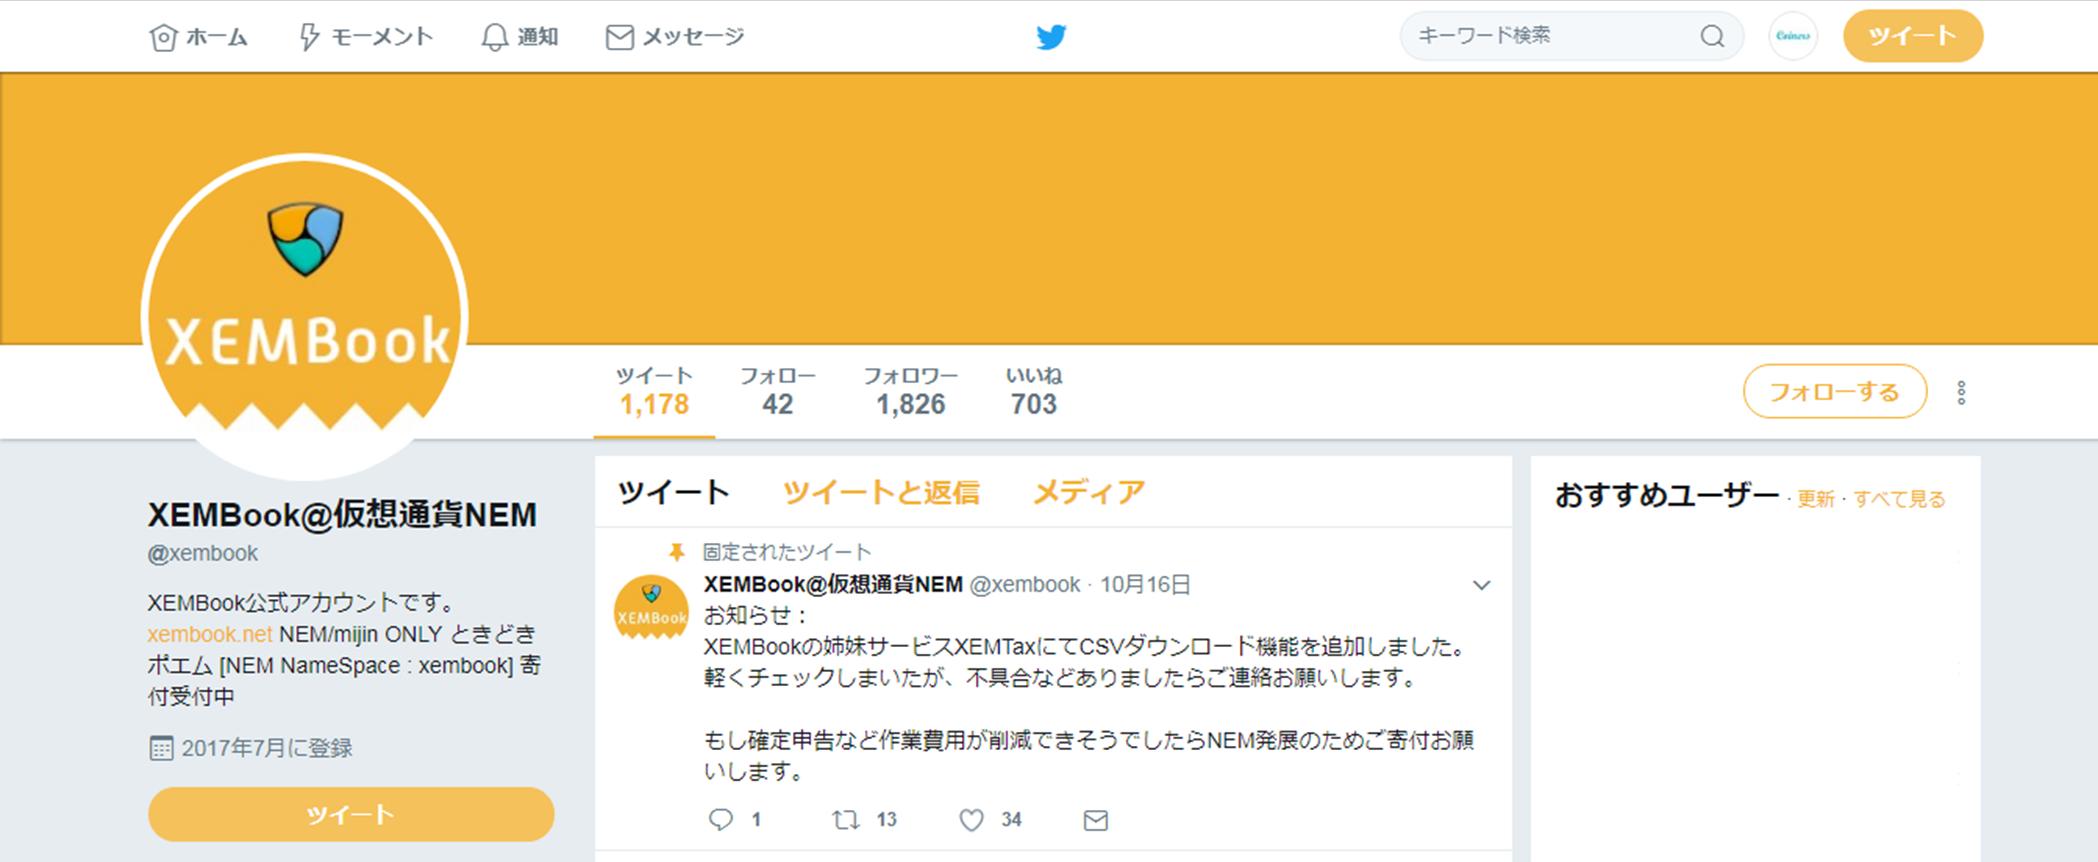 ネムブックのツイッターアカウント